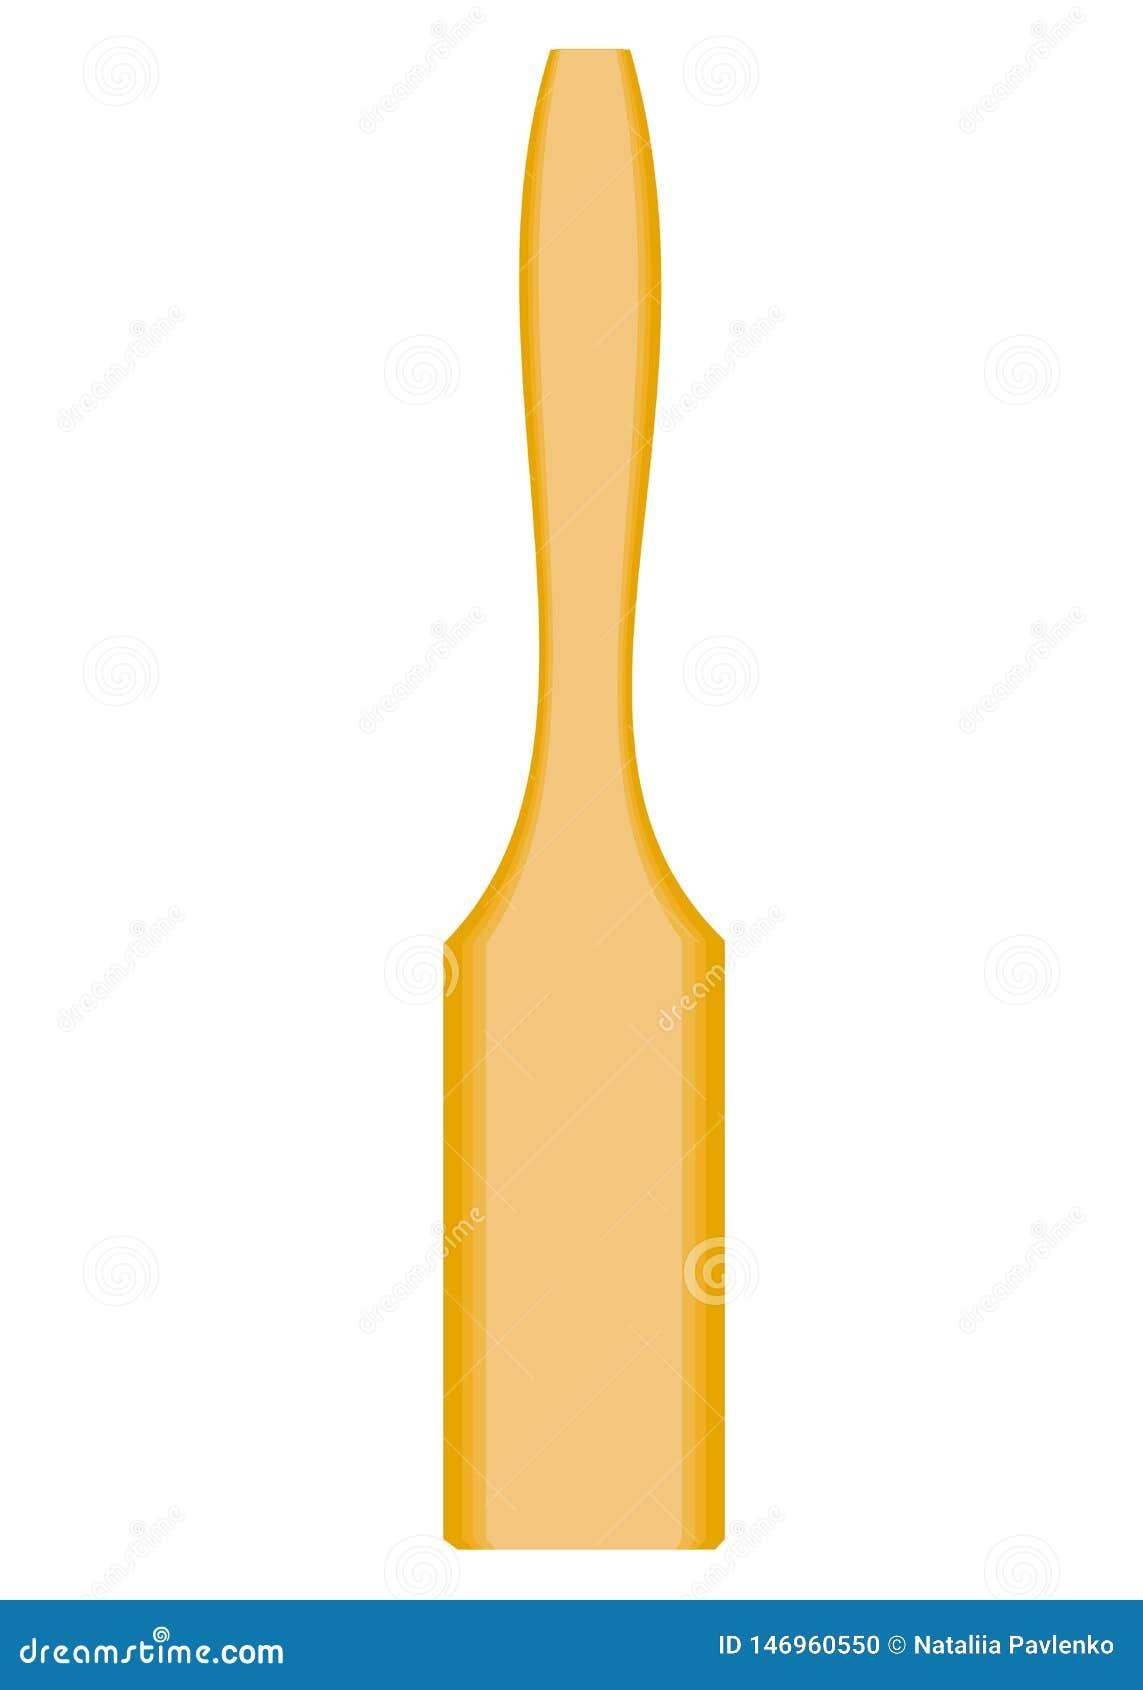 Het onderwerp van keukengerei Een houten spatel is nodig in de keuken in de keuken om voedsel te draaien Vector illustratie